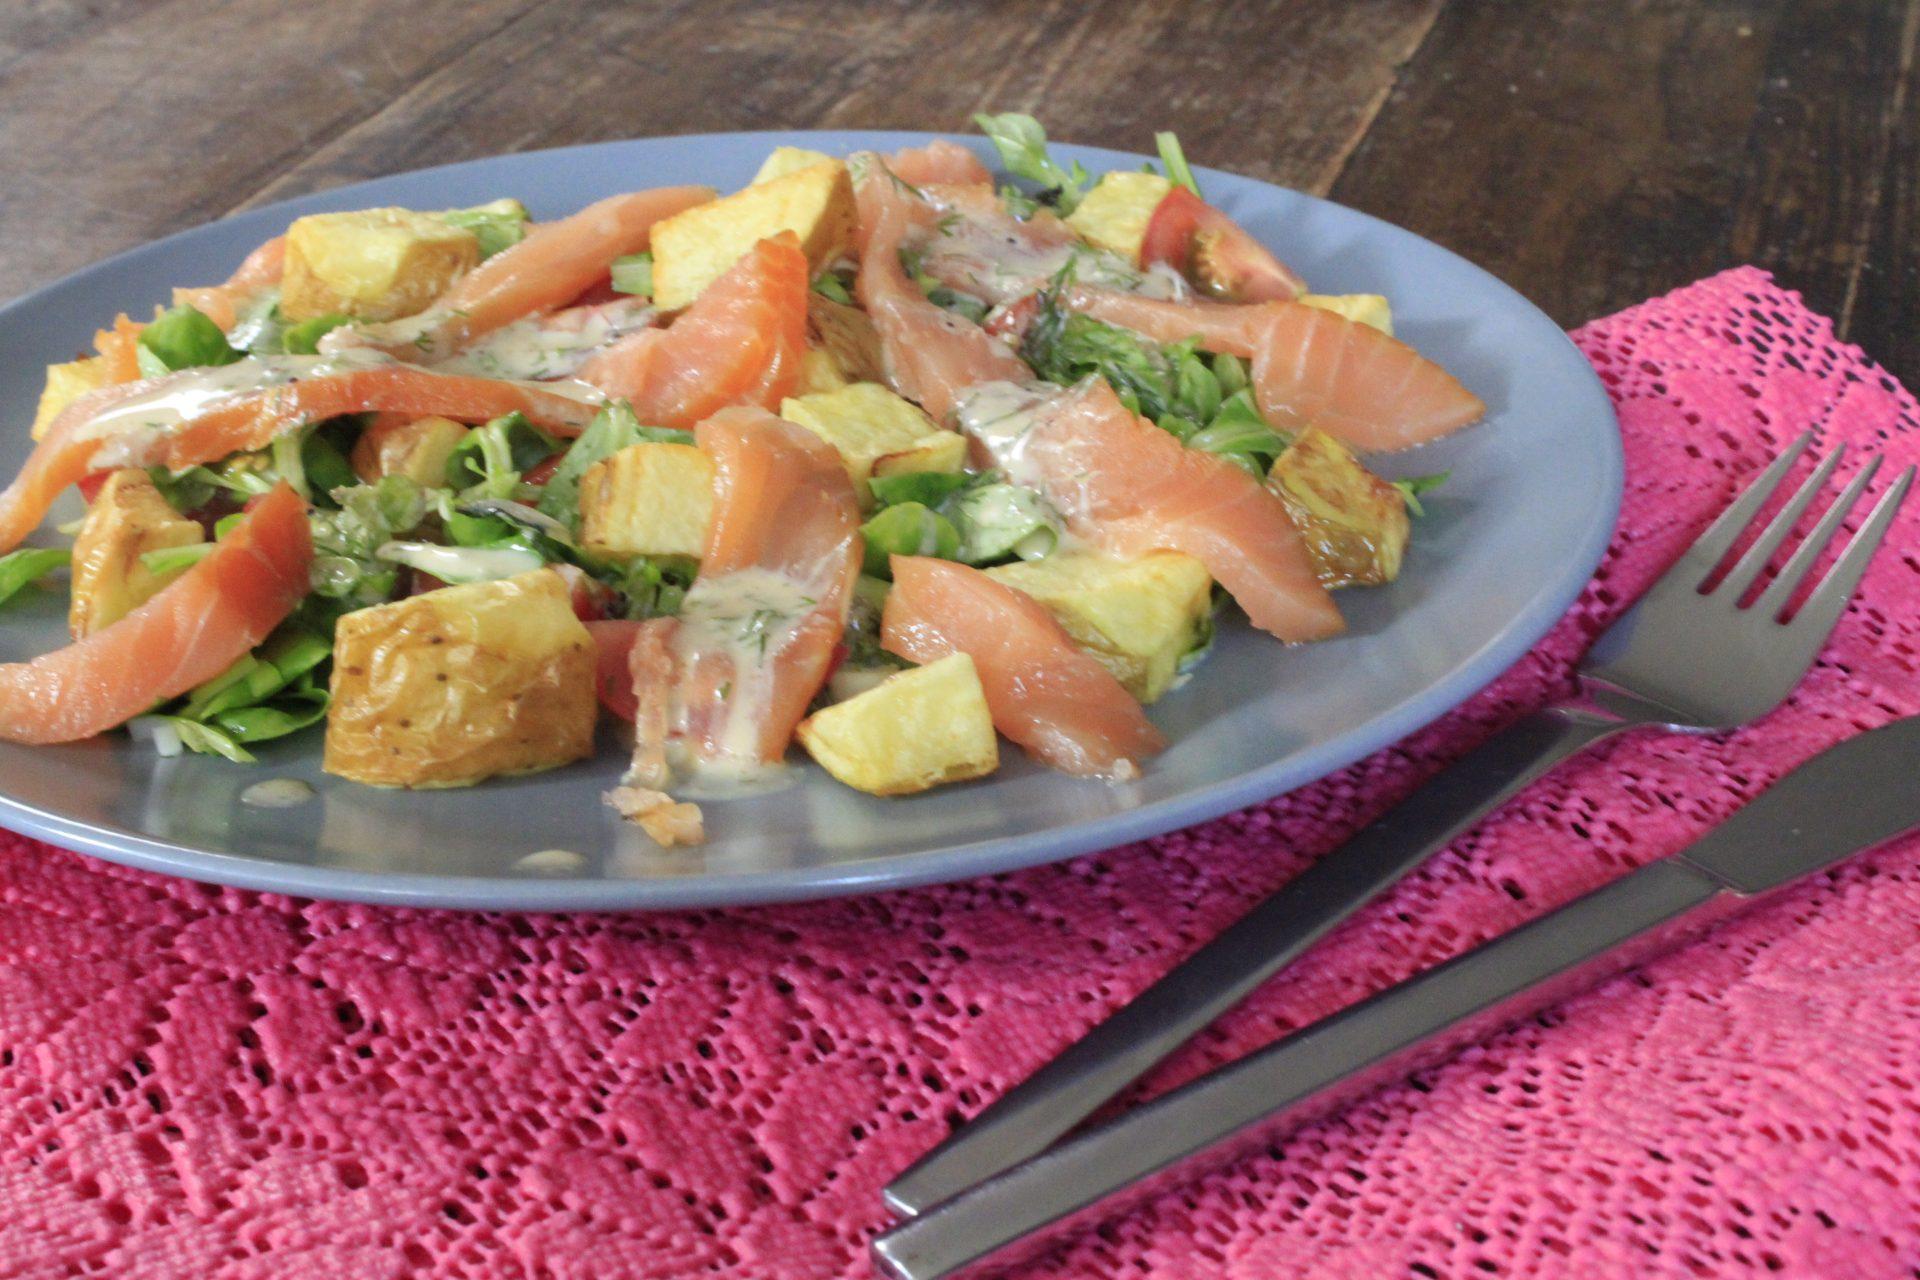 Maaltijdsalade met gerookte zalm recept van Foodblog Foodinista